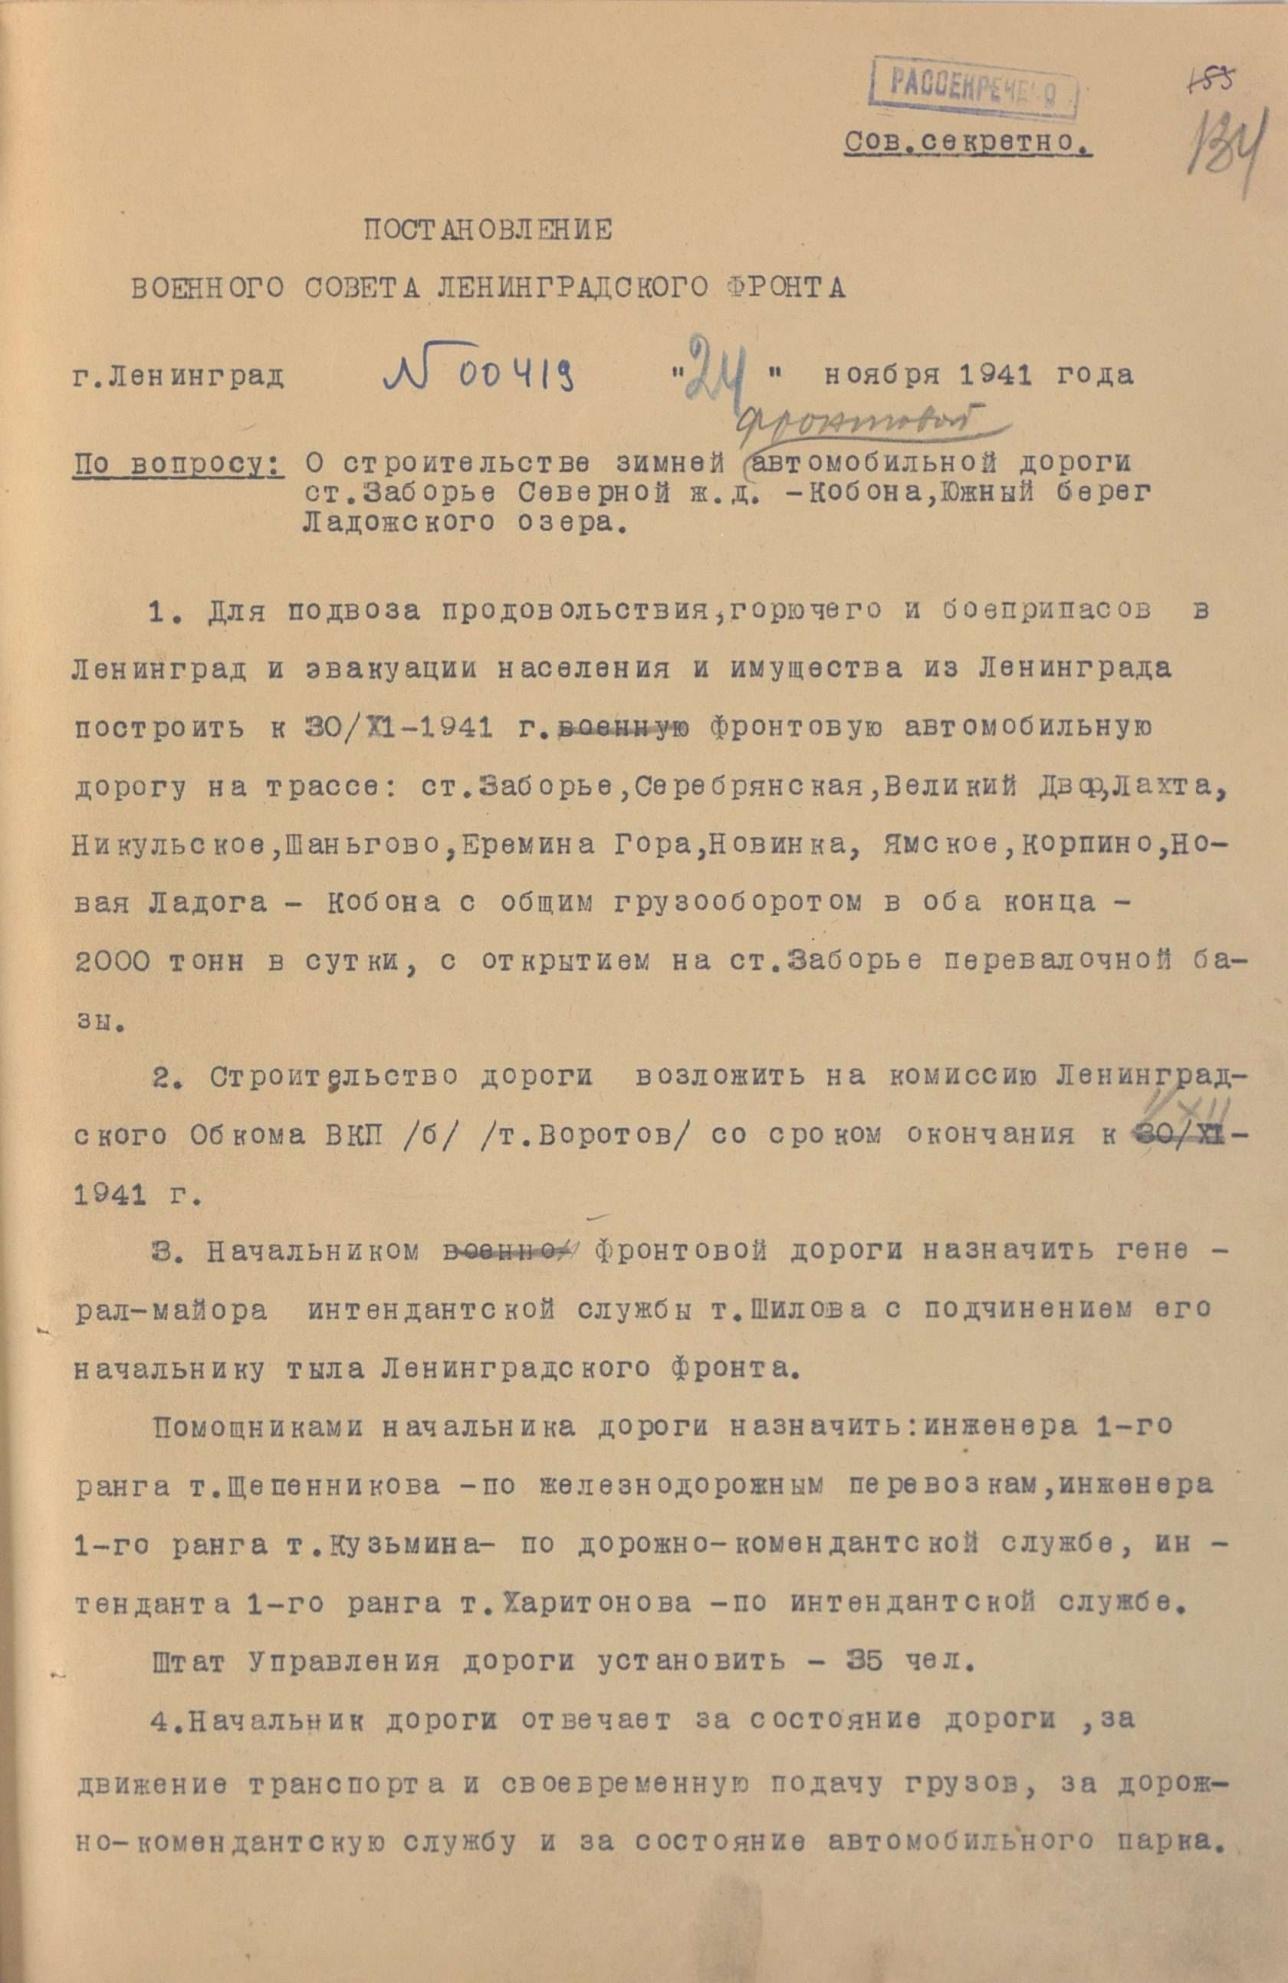 Из рассекреченных документов можно узнать о том, как организовывалась эвакуация из Ленинграда